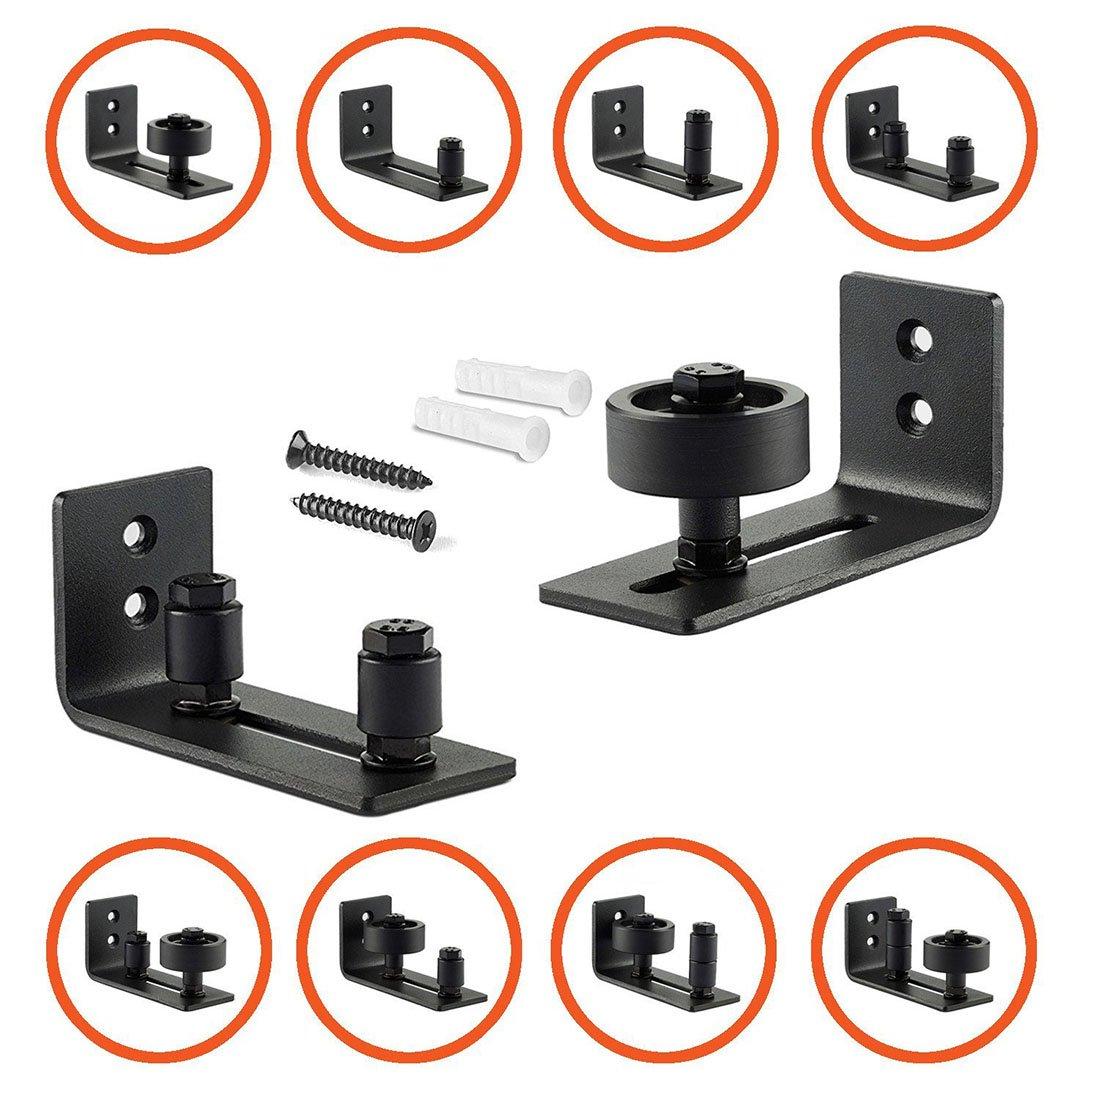 TOOGOO Guia de montaje en pared ajustable con 8 configuraciones diferentes para herrajes de puerta de granero - Recubrimiento en polvo negro - Parte ...